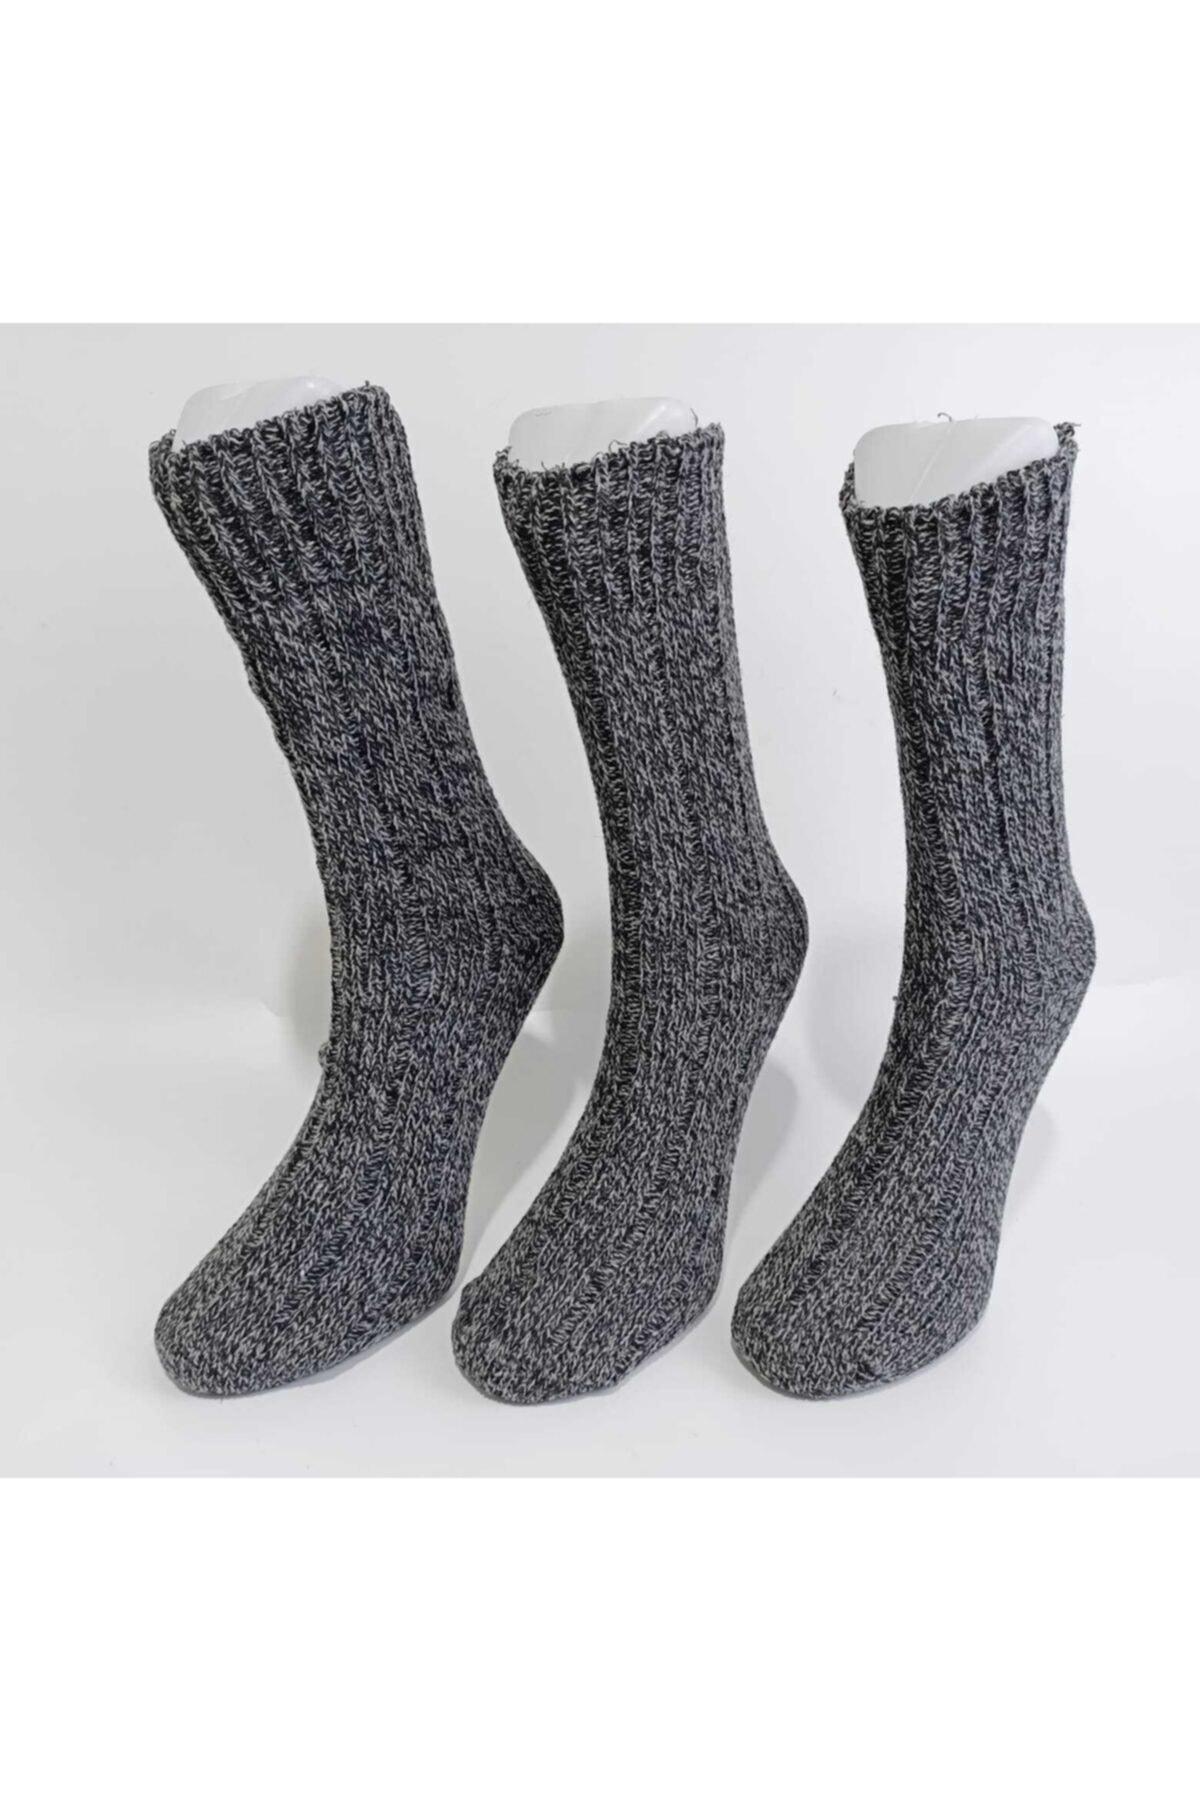 Shocks Erkek 3'lü Kışlık Yün Çorap 1